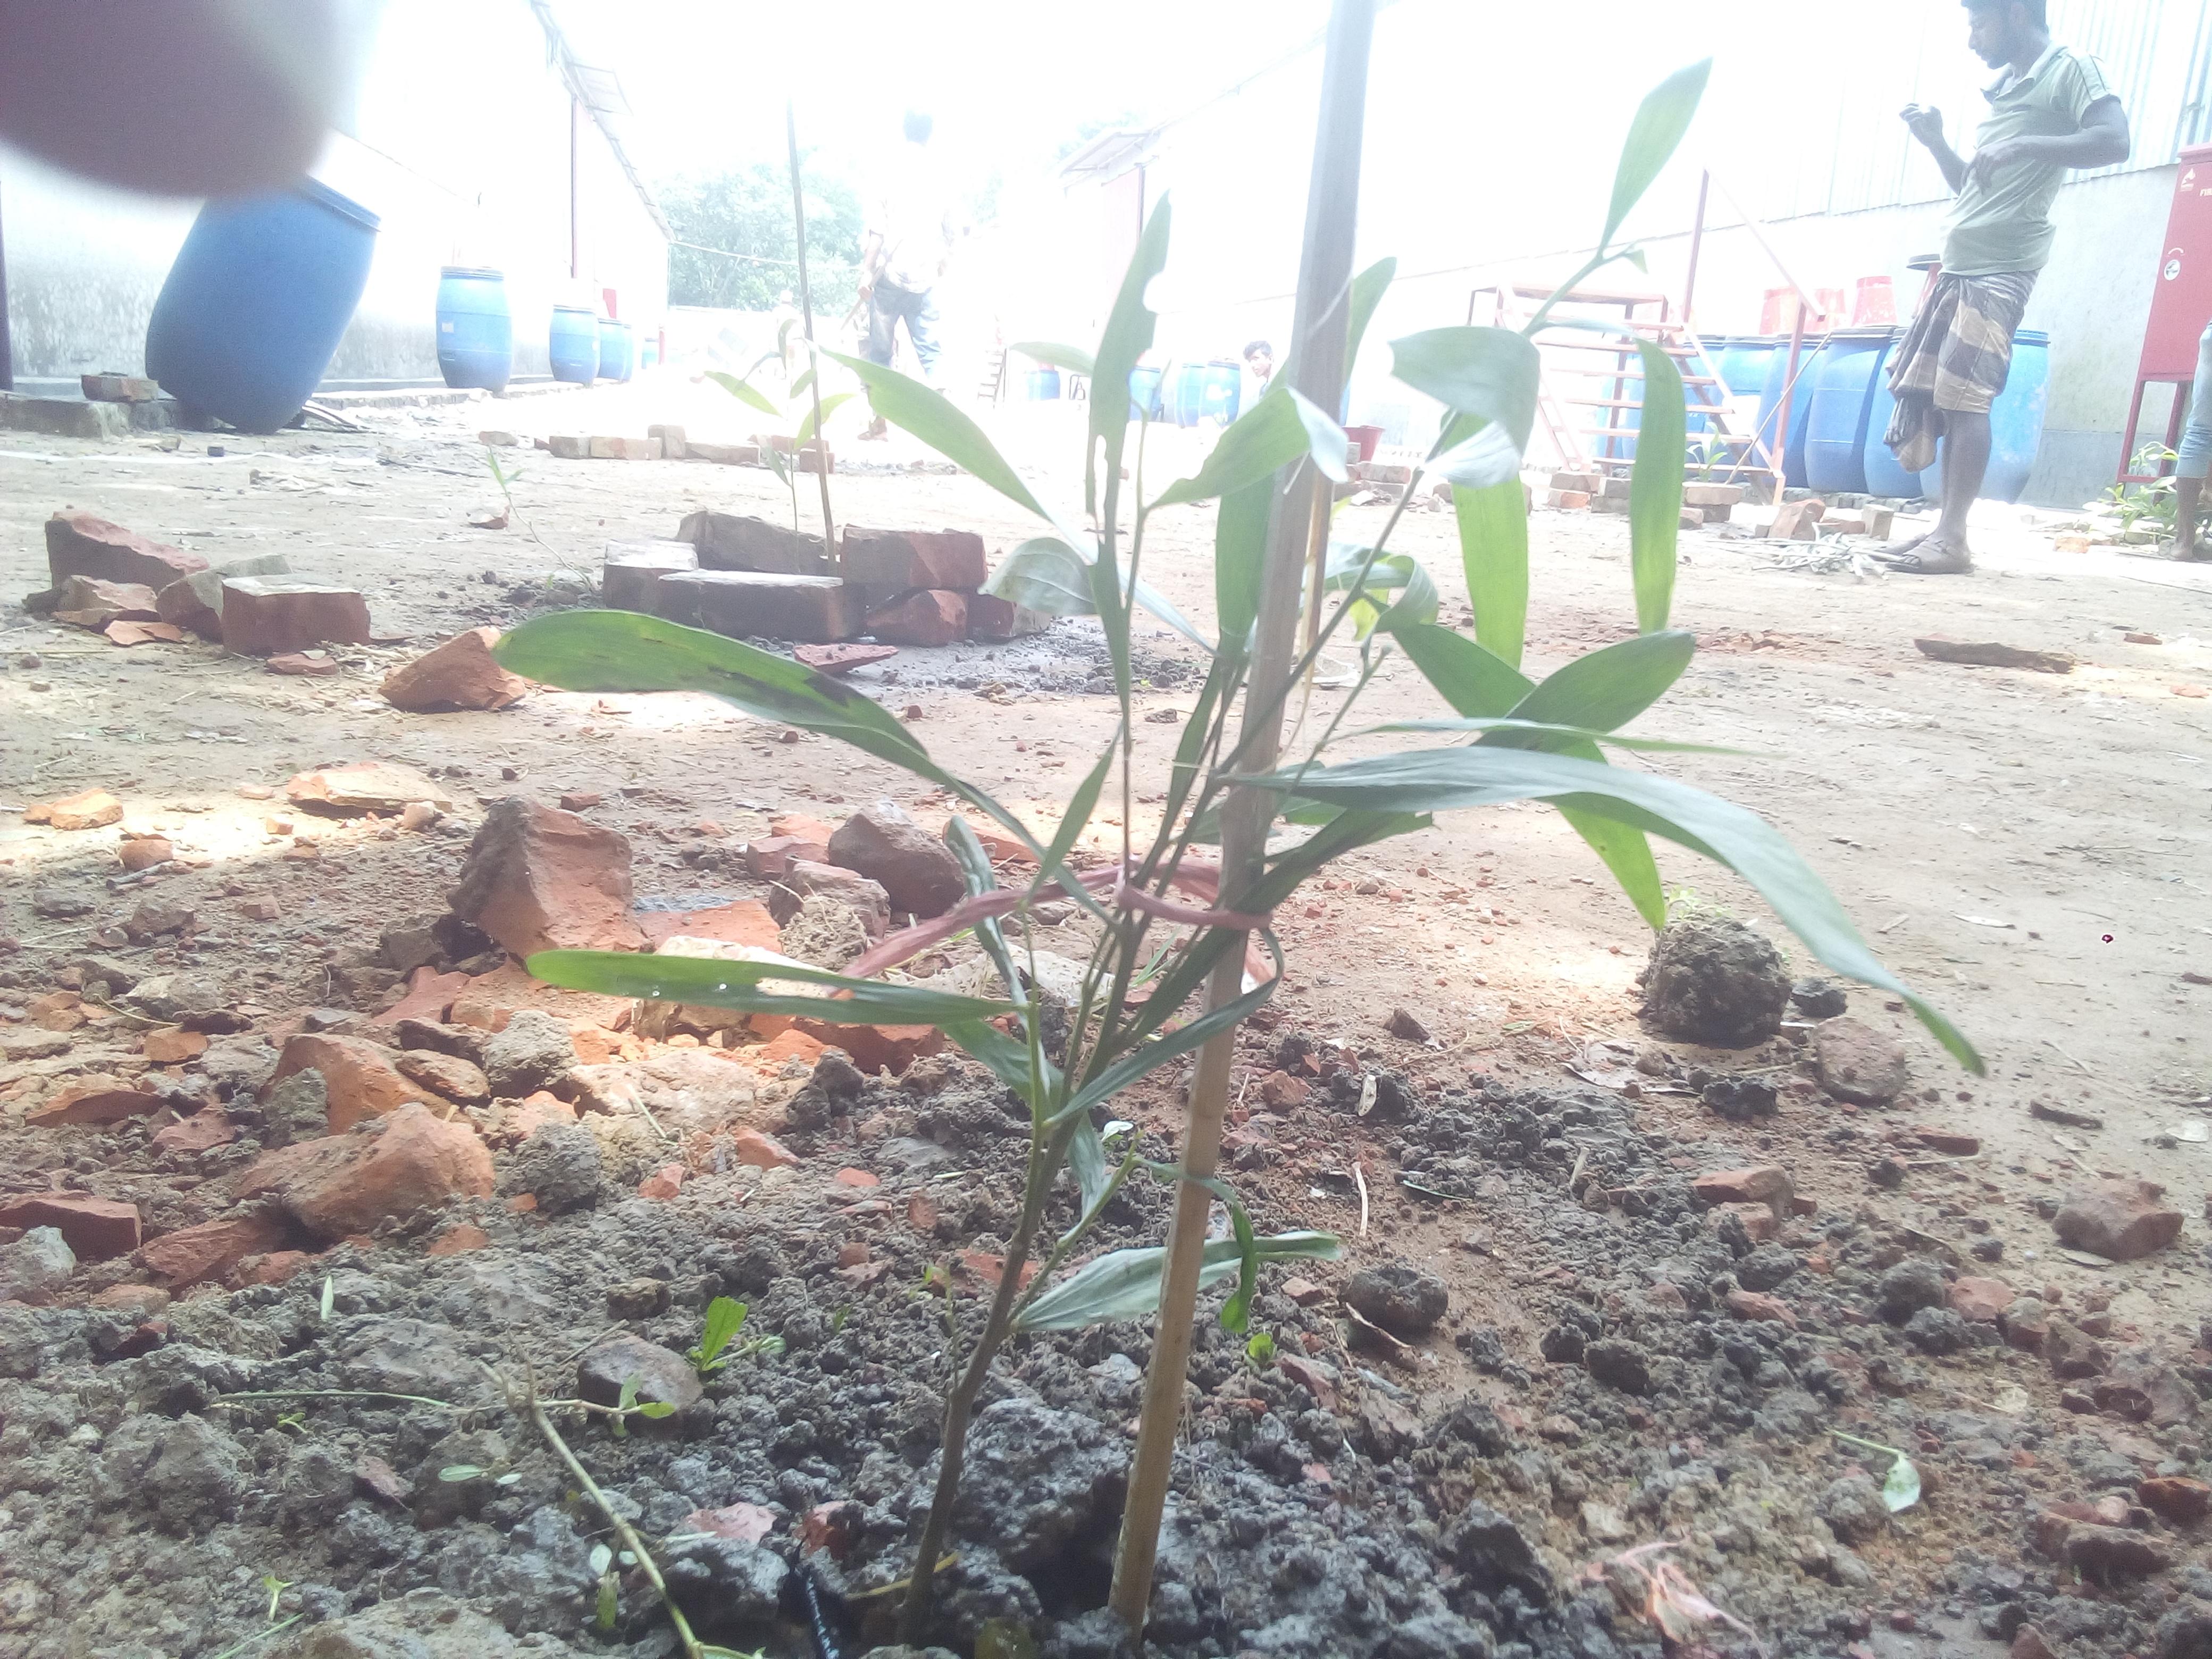 হা-মীম গ্রুপ থেকে উদ্ধার হওয়া বন বিভাগের জমিতে চারা রোপণ